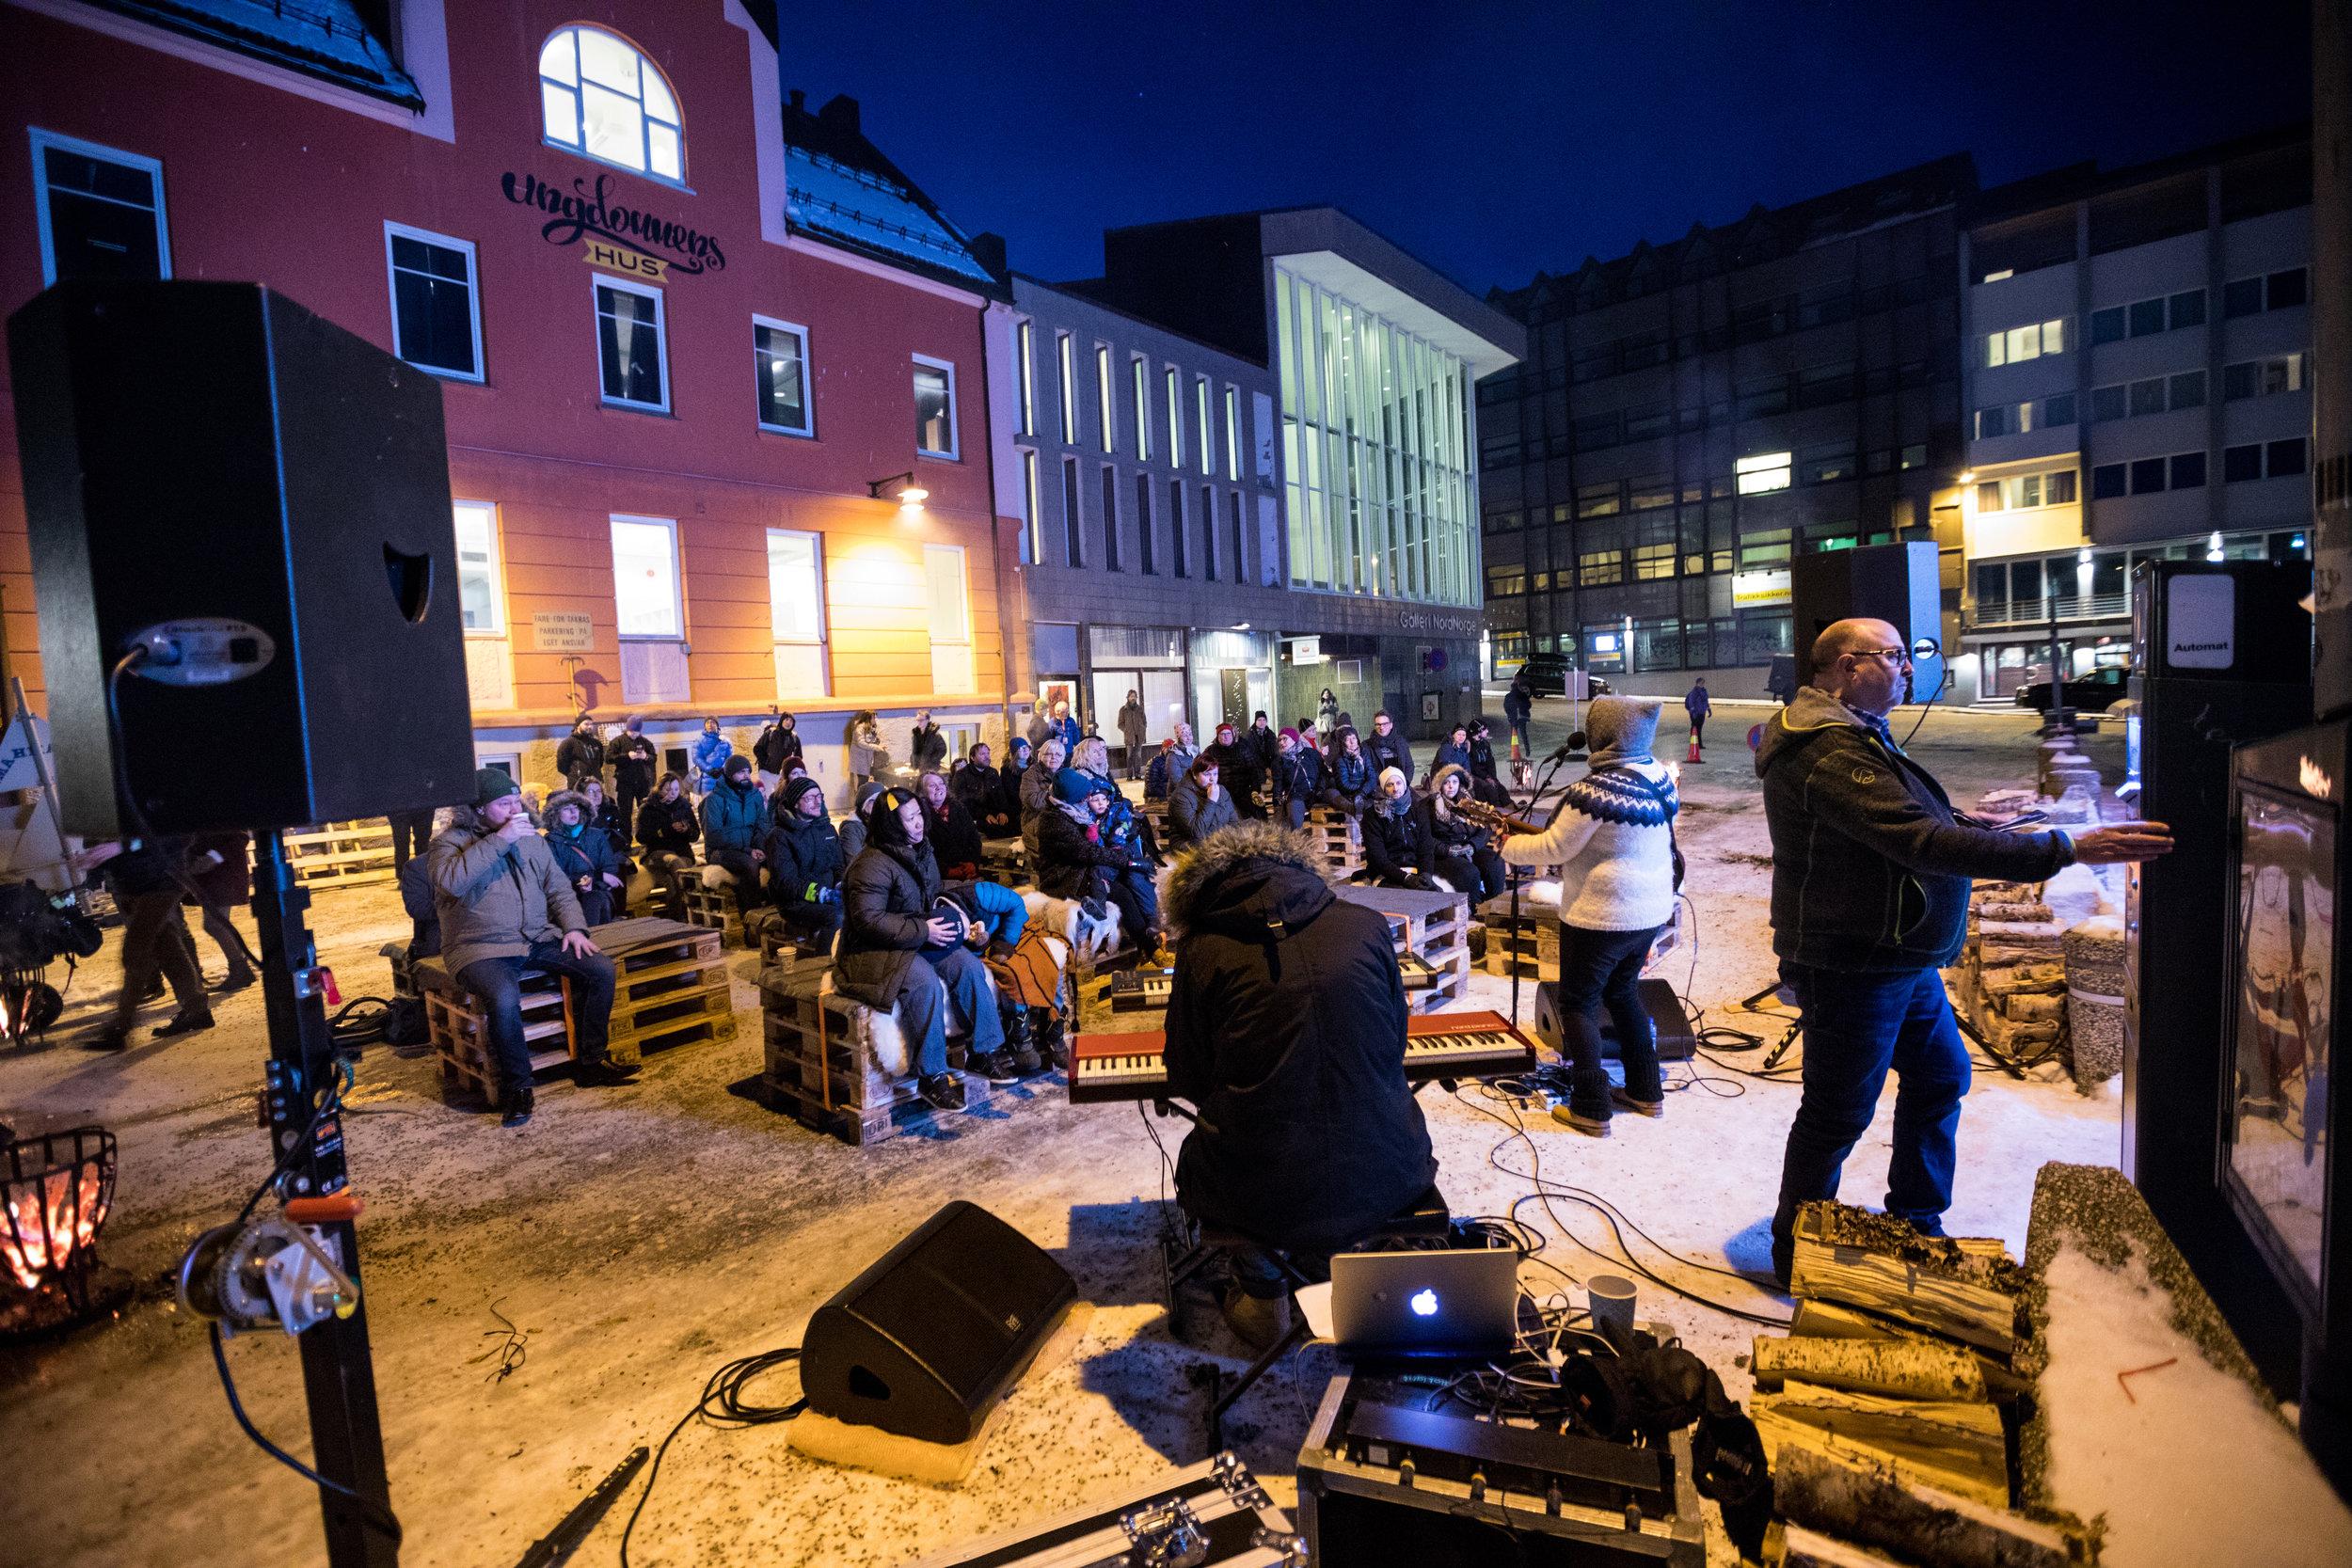 I fjor lå ILIOS-Lounge ved Harstad Kino. Bildet av mannen som betalte parkering mens Tonje Unstad spilte ute ble en hit i sosiale medier. I år ligger ILIOS-Lounge i Rikard kaarbøs gate, altså gågata mellom Torget og havna, ved Bark og Outsider Art.